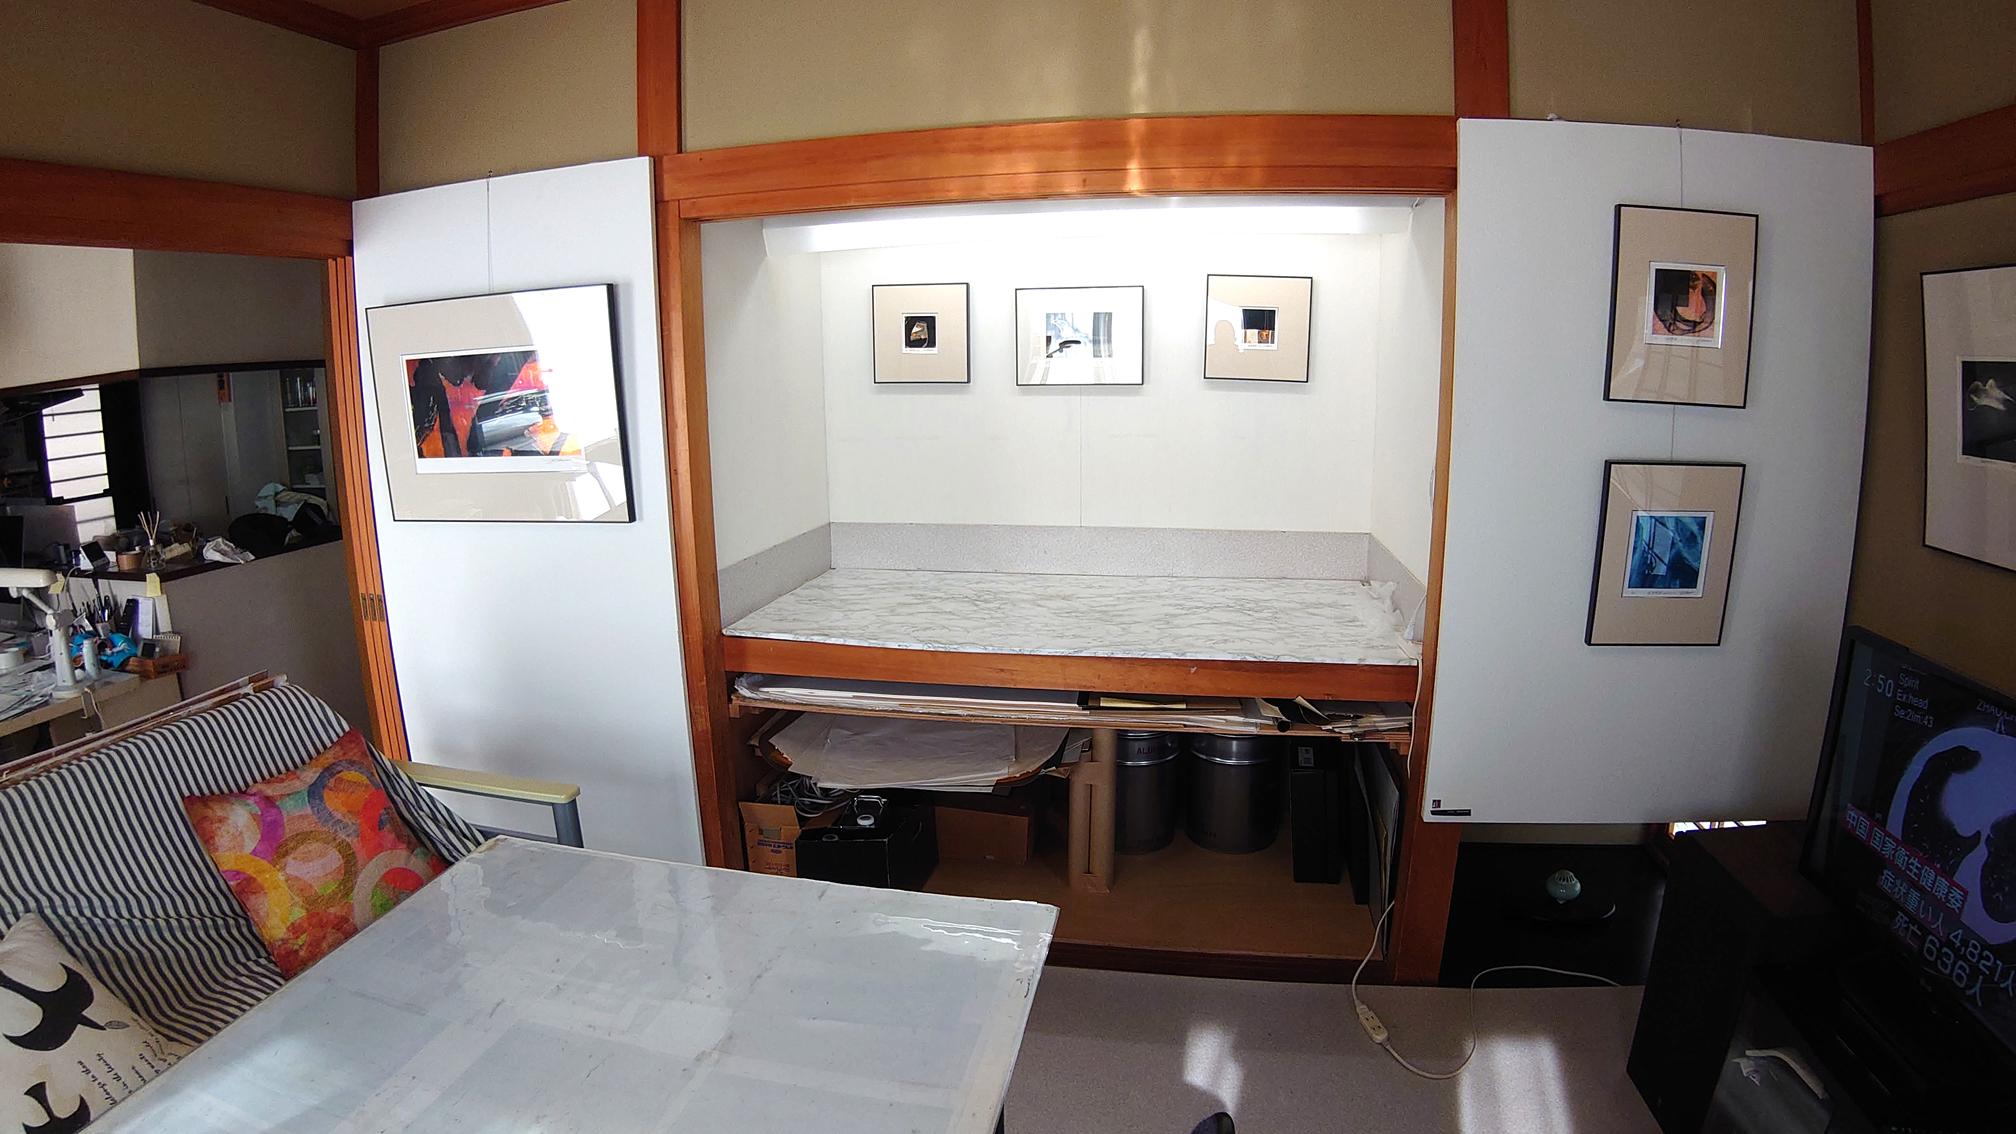 作業台と作品展示ギャラリーです。